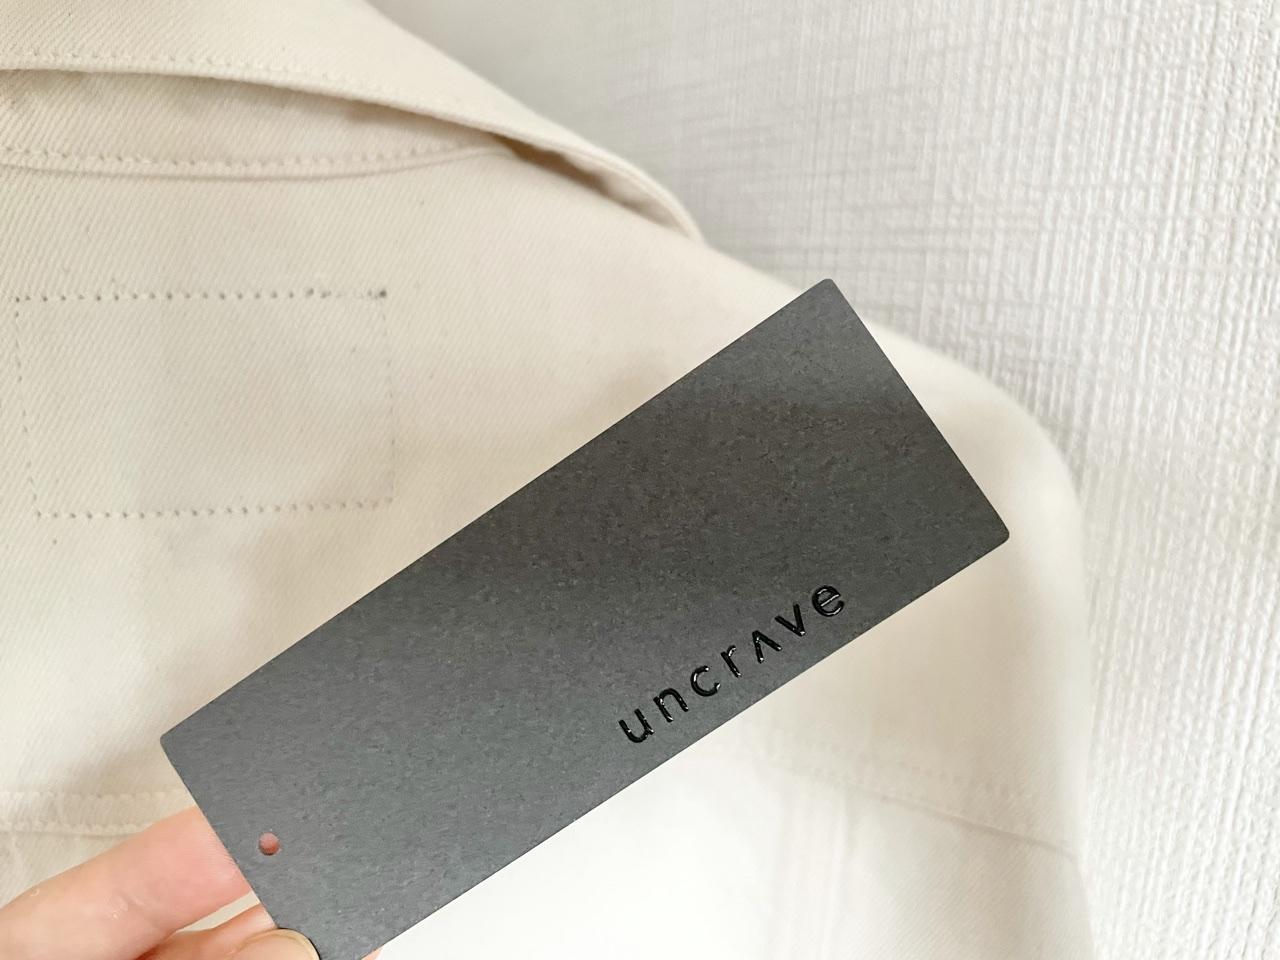 【春服】《uncrave》から待望のデニムシリーズが登場!白ジャケットで爽やかなお出かけコーデ♡_1